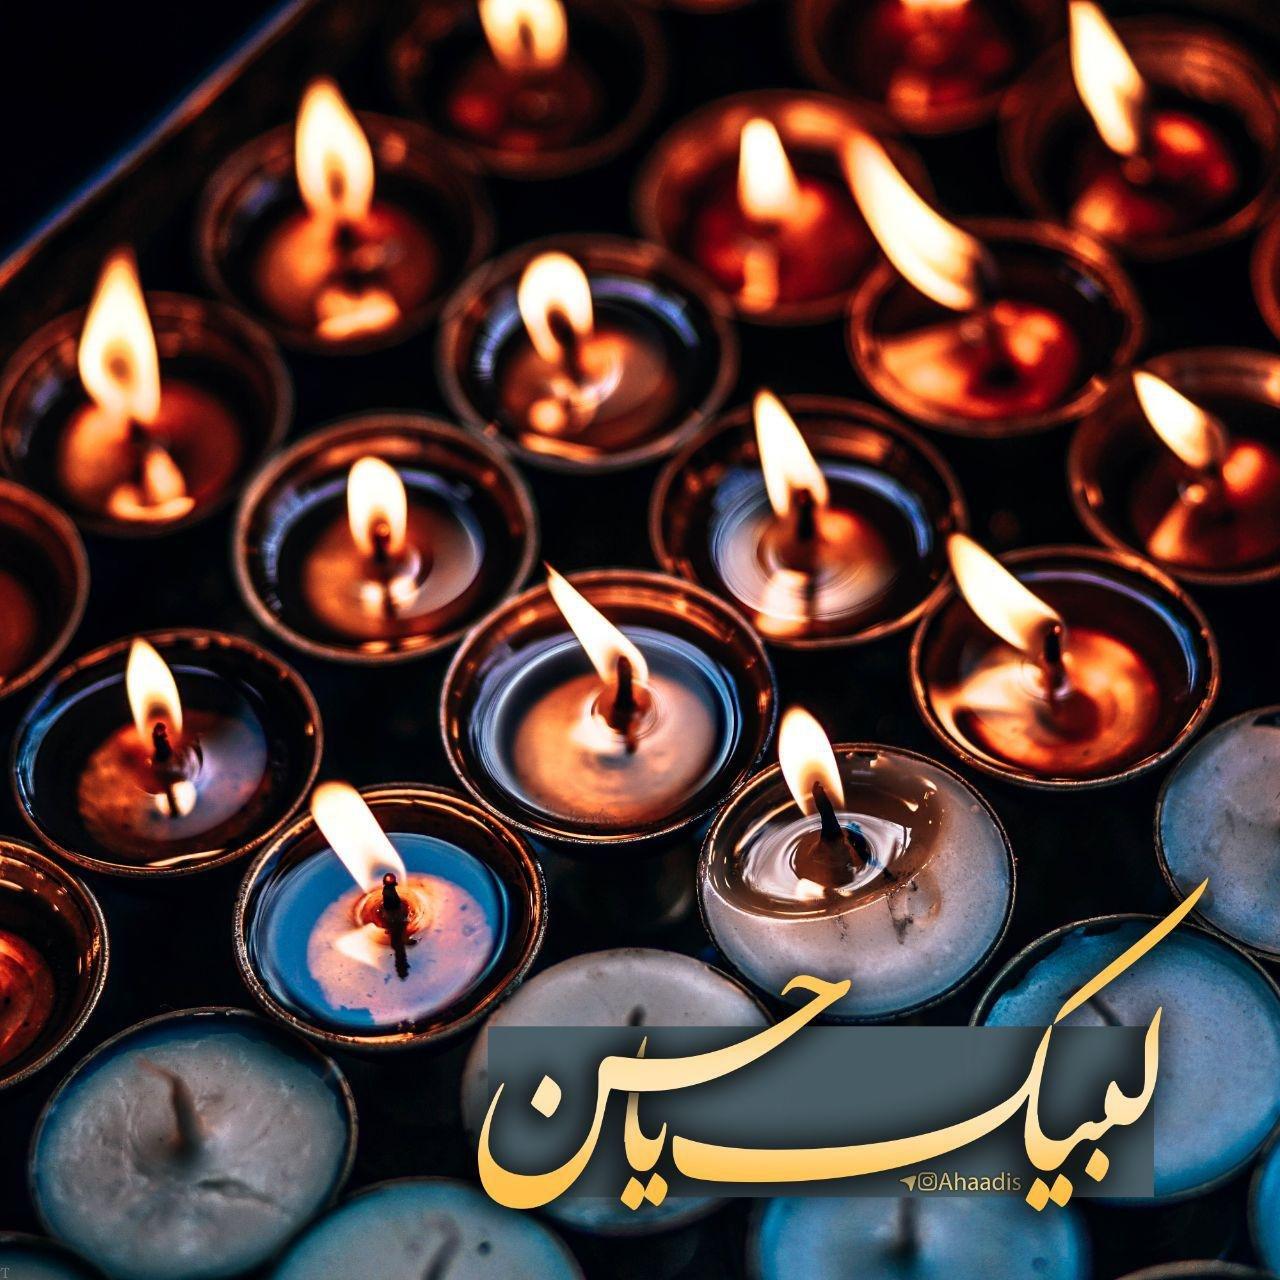 متن ویژه تسلیت رحلت پیامبر اکرم و امام حسن مجتبی (ع)